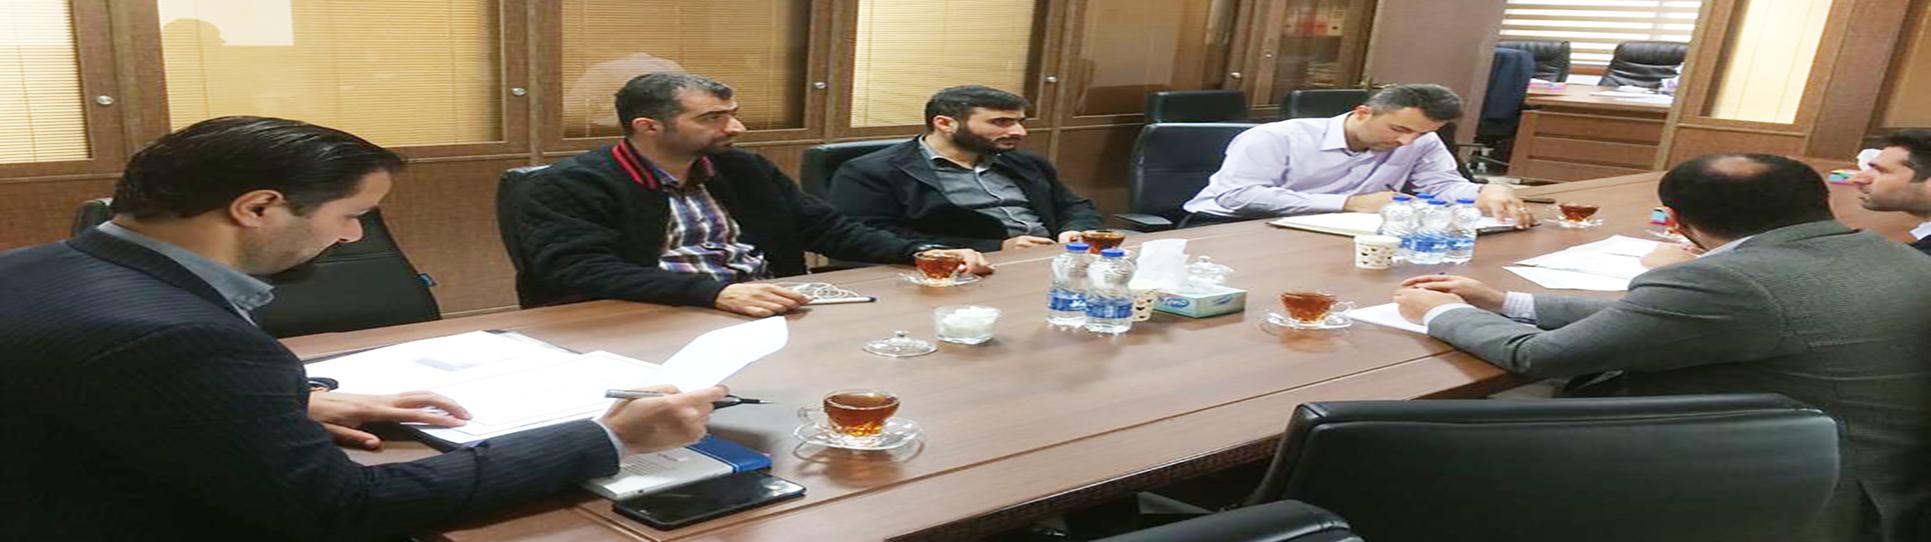 جلسه مشاوره و بررسی فرآیند کنترل داخلی شرکت کود آلی